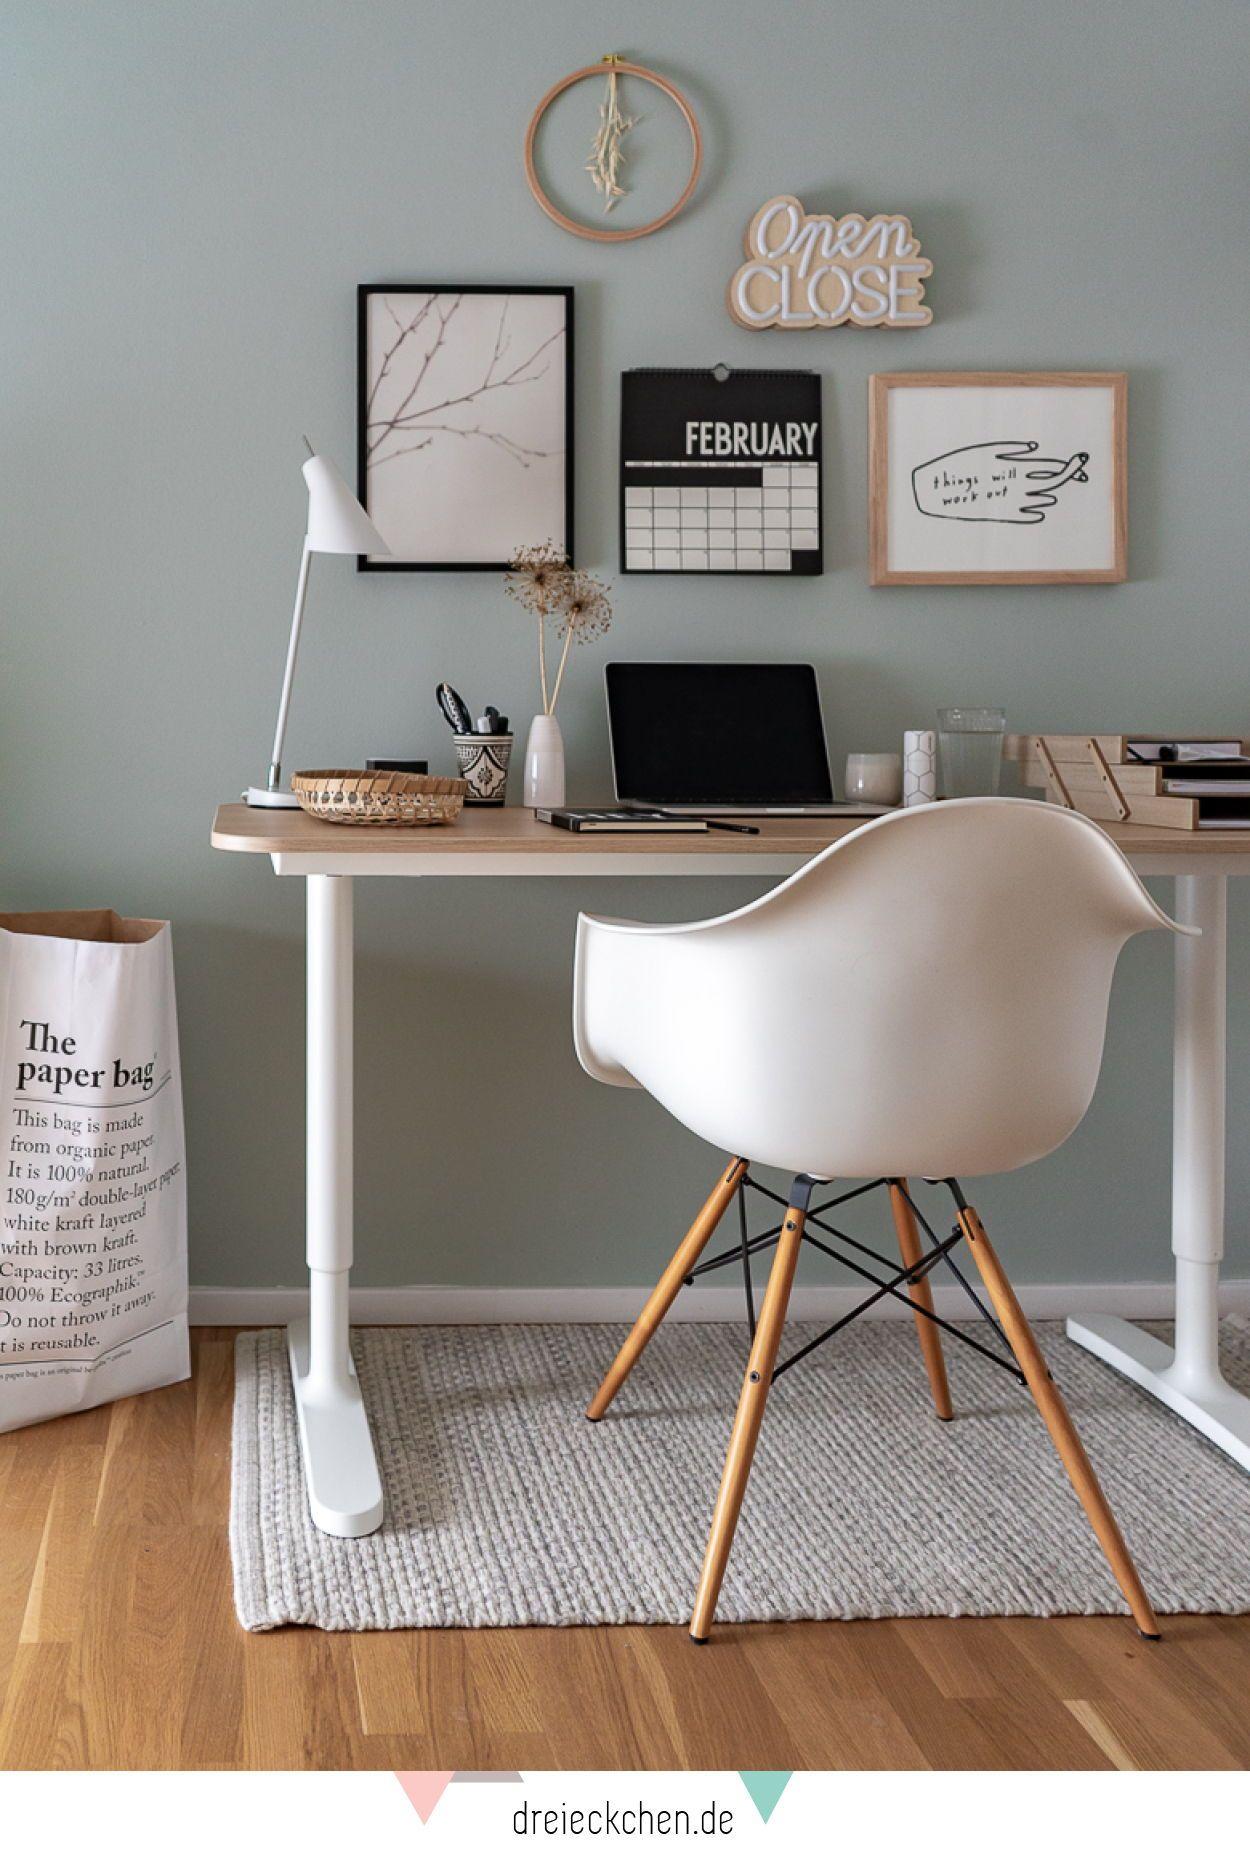 Arbeitszimmer Einrichten Ideen Fur Das Buro Zuhause Blog Dreieckchen In 2021 Zimmer Einrichten Jugendzimmer Tumblr Zimmer Einrichtung Arbeitszimmer Einrichten